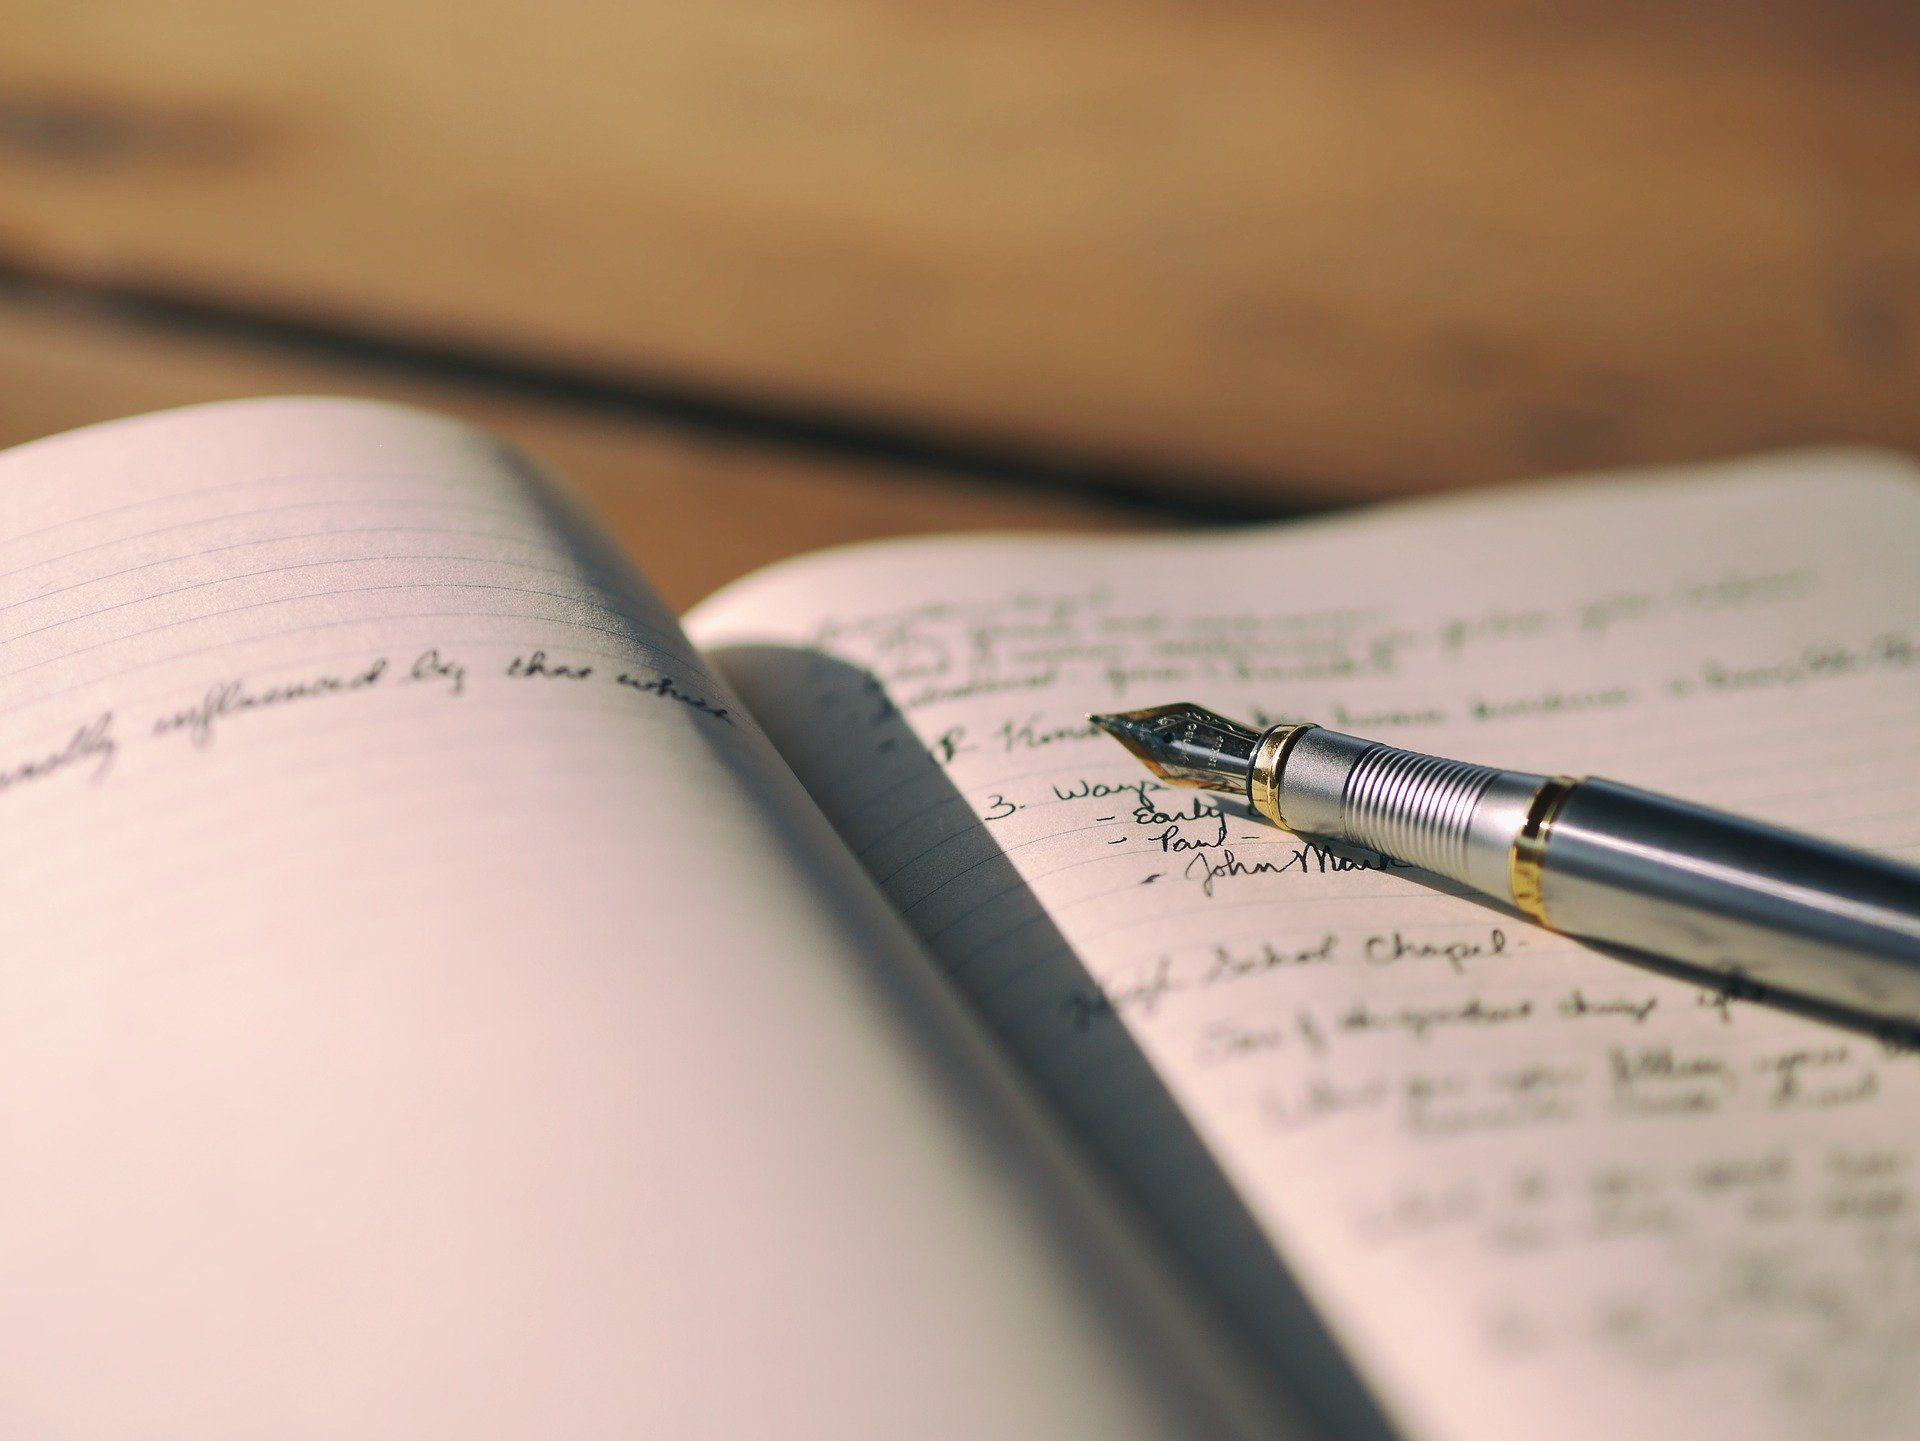 Ein Füller liegt auf der beschriebenen Seite eines aufgeschlagenen Notizbuches.